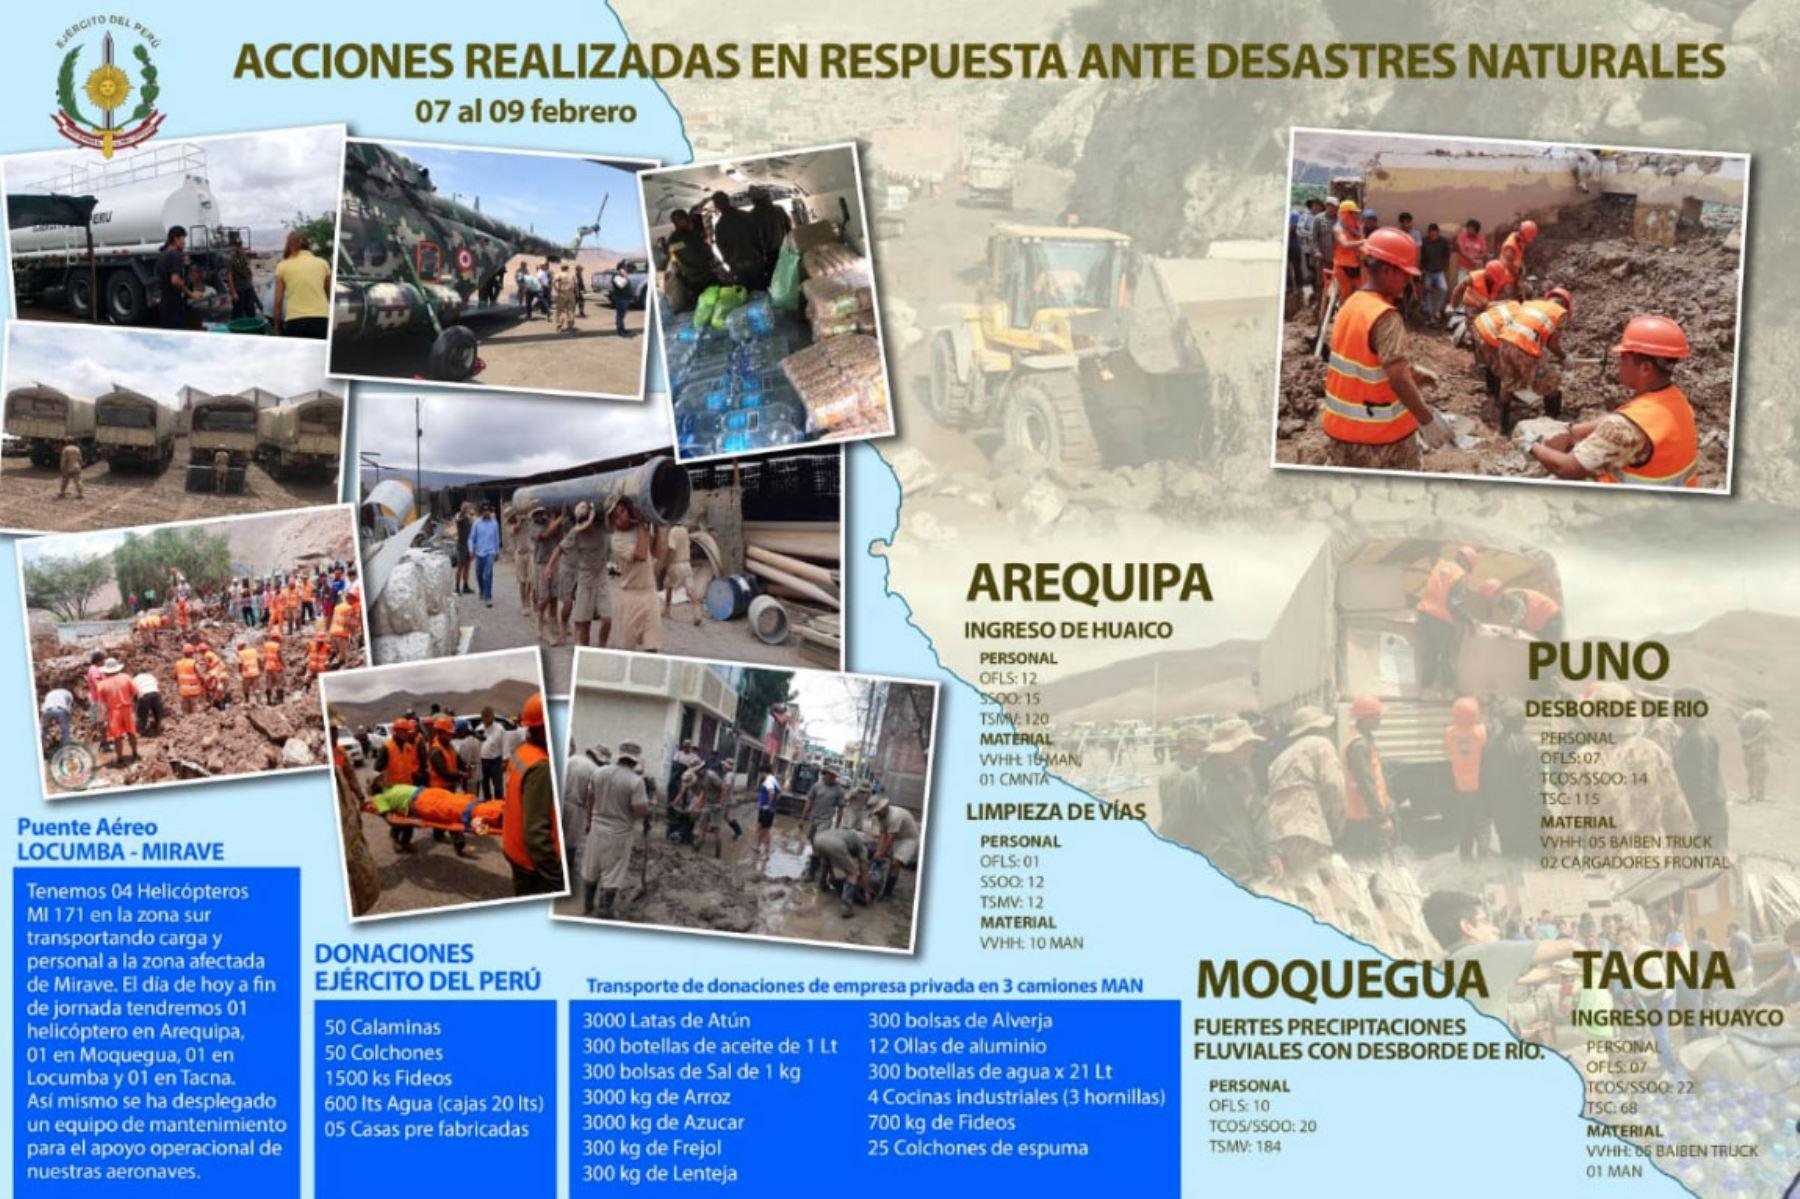 Ejército del Perú detalló las acciones desplegadas en el sur, del 7 al 9 de febrero, ante desastres naturales. Foto: ANDINA